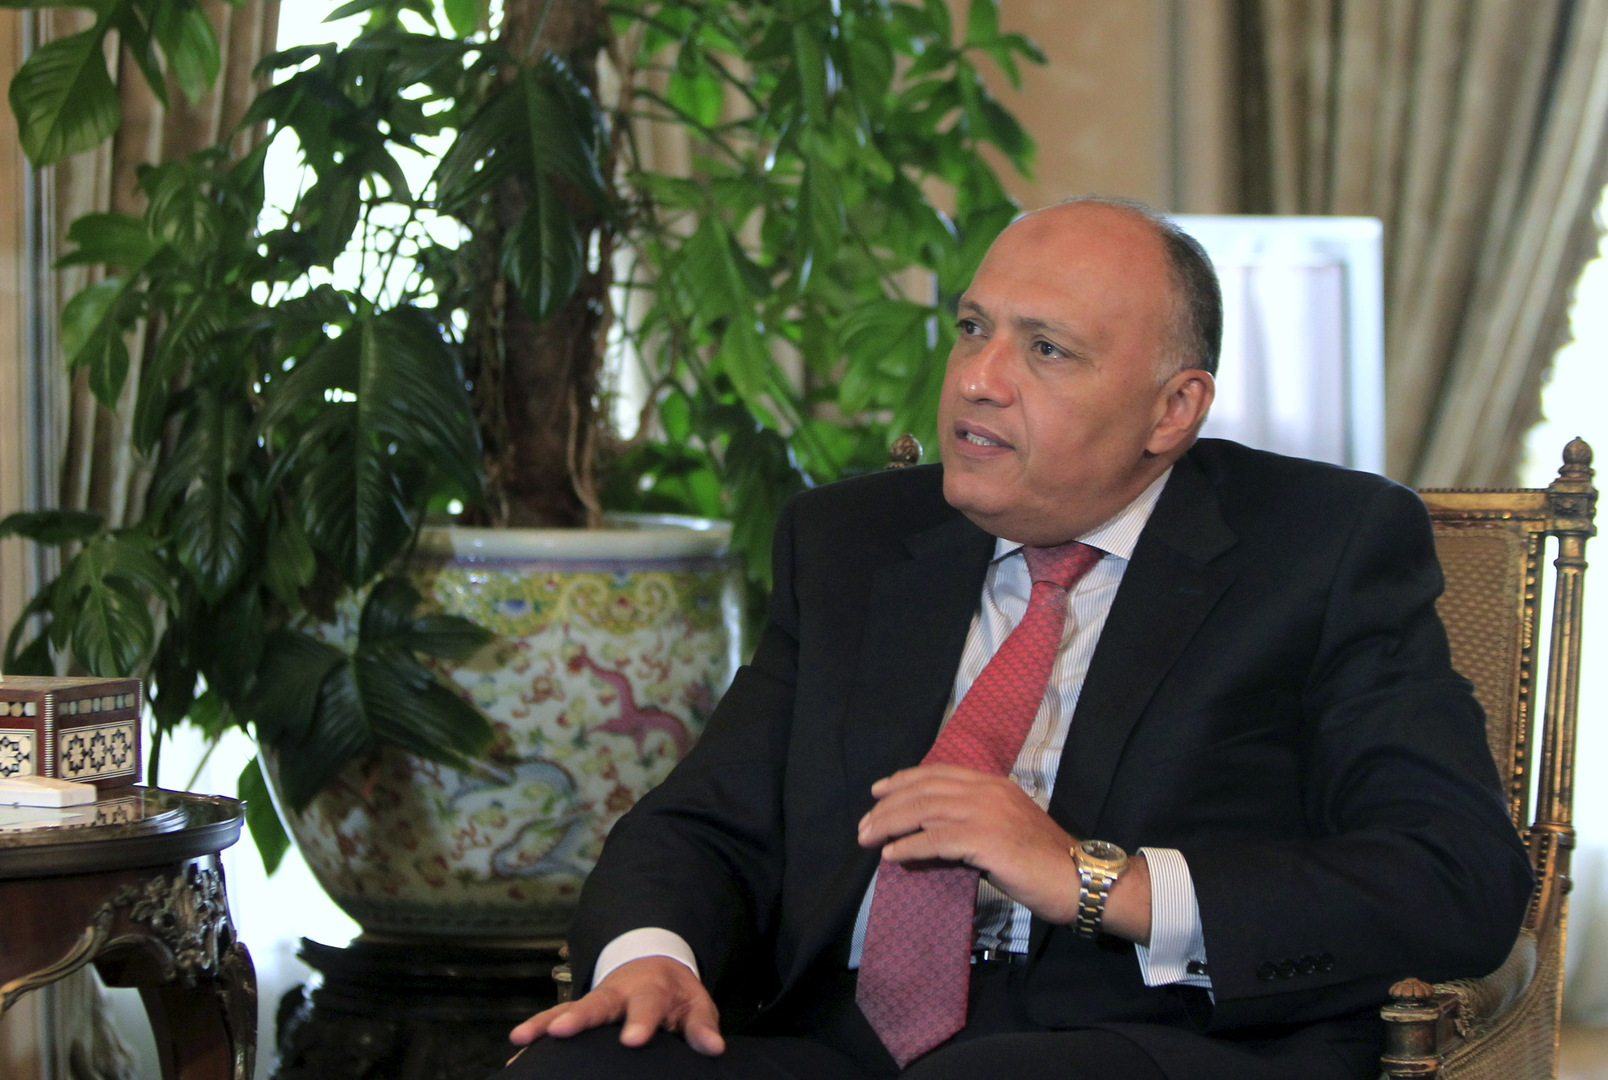 وزير الخارجية المصري يحذر من أي تحرك أحادي في أزمة